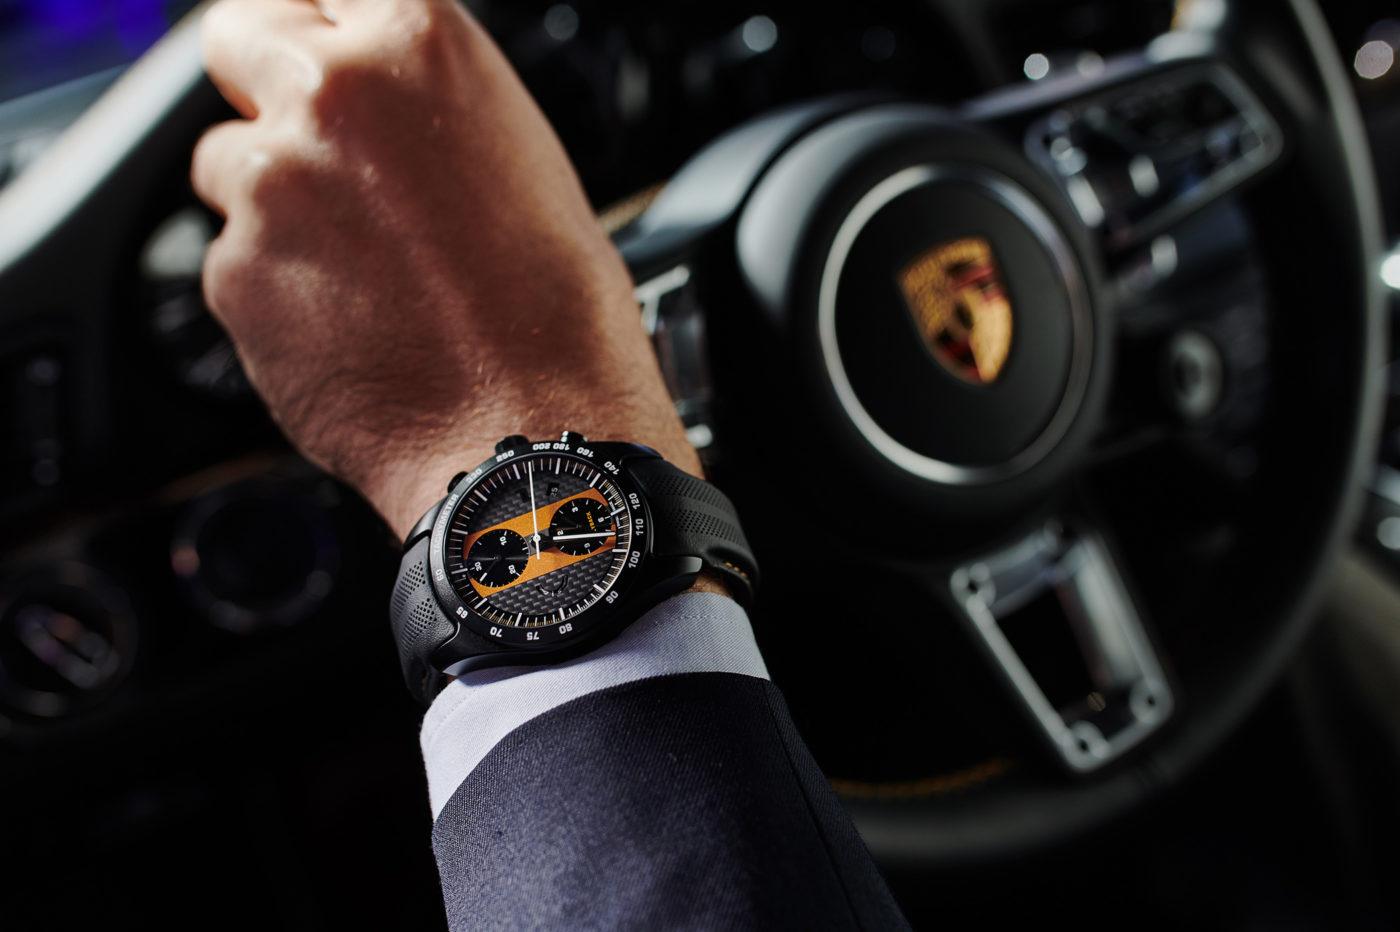 Porsche Design Chronograph 911 Turbo S Exclusive Series premierowo w Polsce [zdjęcia live, dostępność, cena]